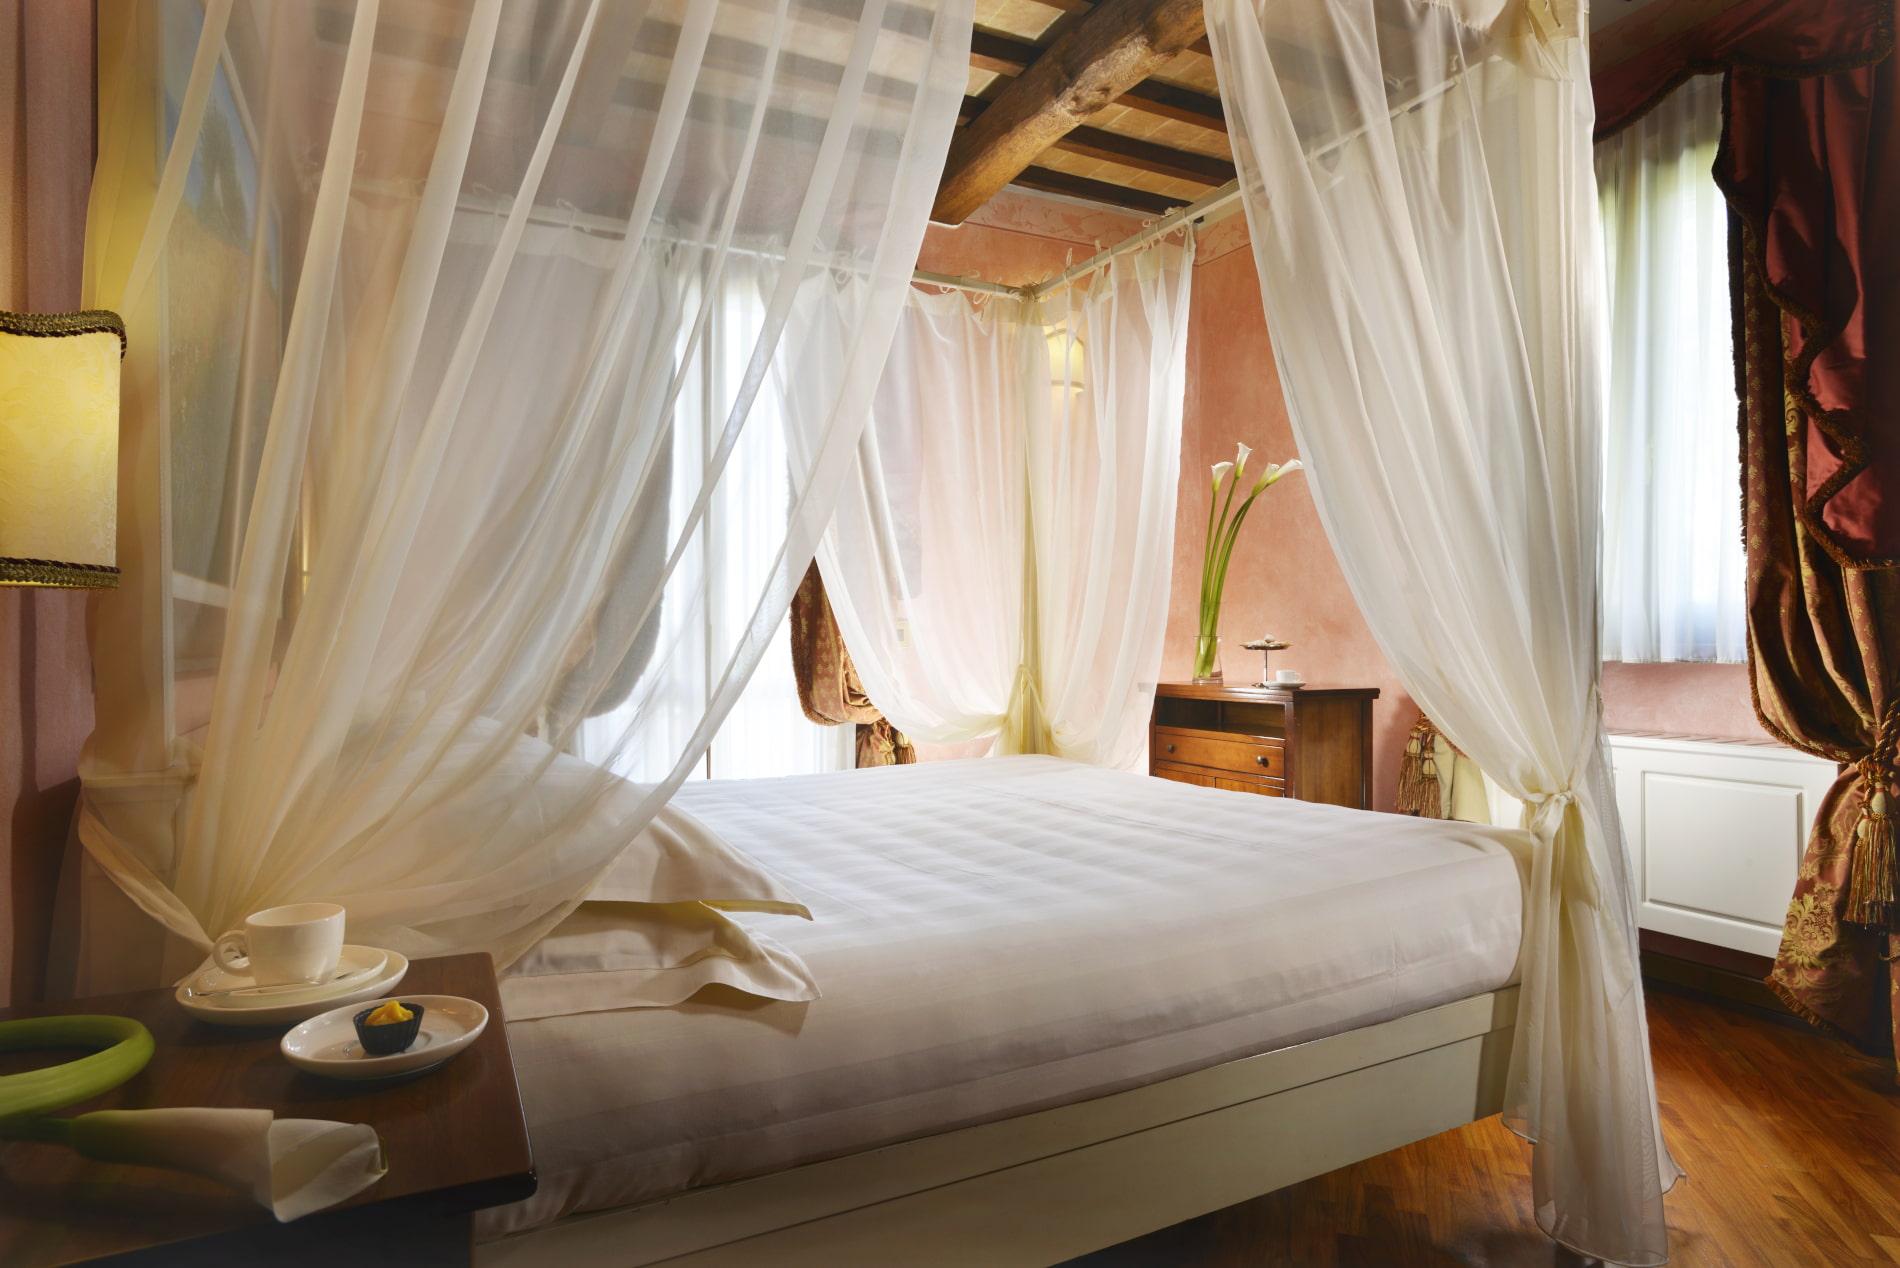 Camere Con Letto A Baldacchino.Camere Suite Umbria Suite Hotel Perugia Borgobrufa Spa Resort